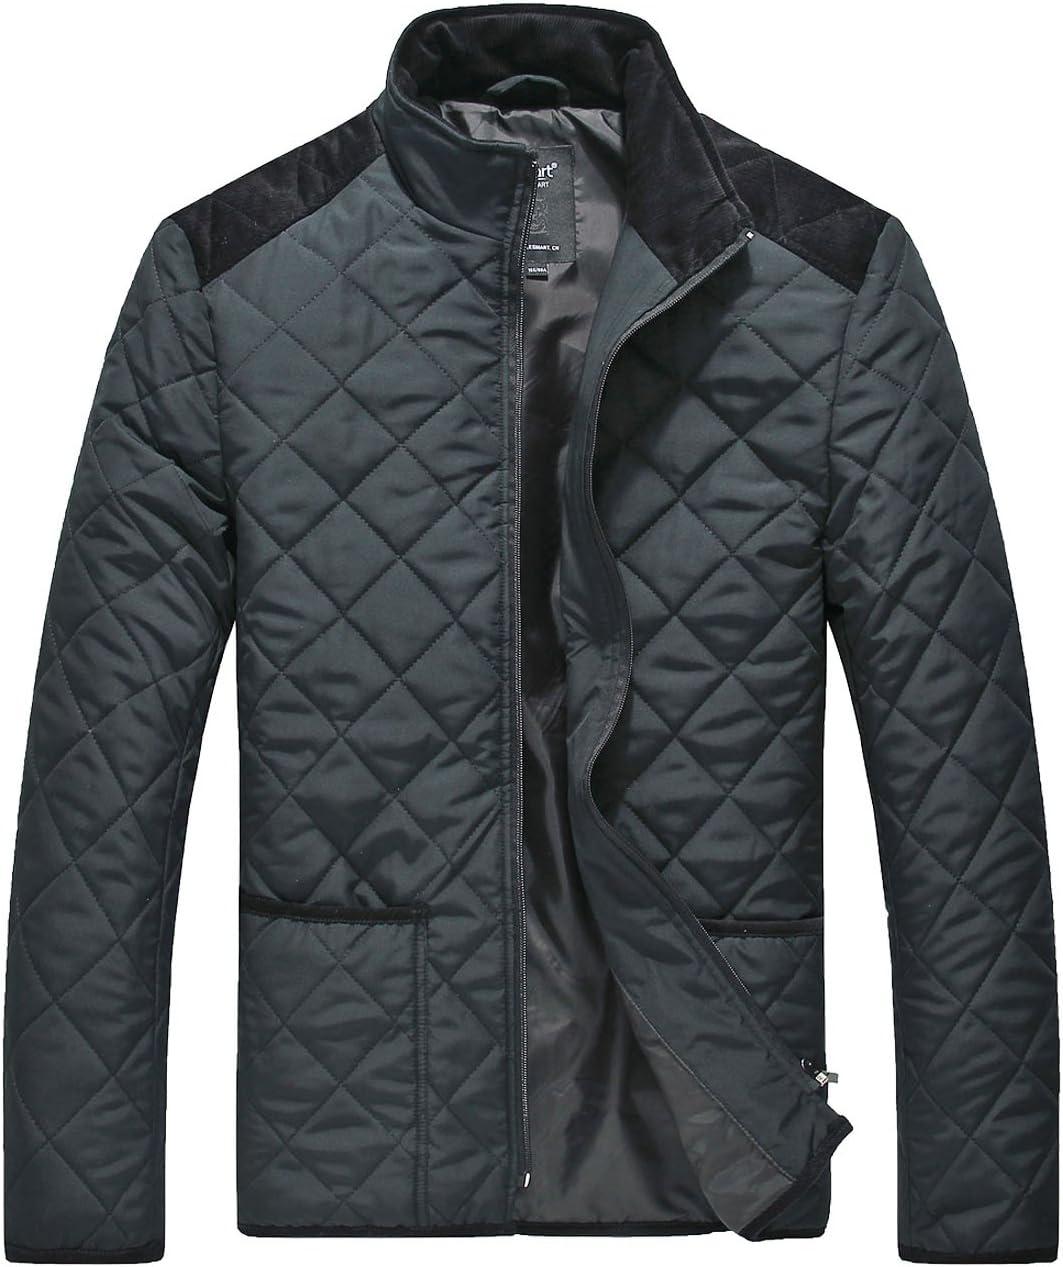 معطف Lesmart رجالي مبطن بجيوب قصيرة للشتاء